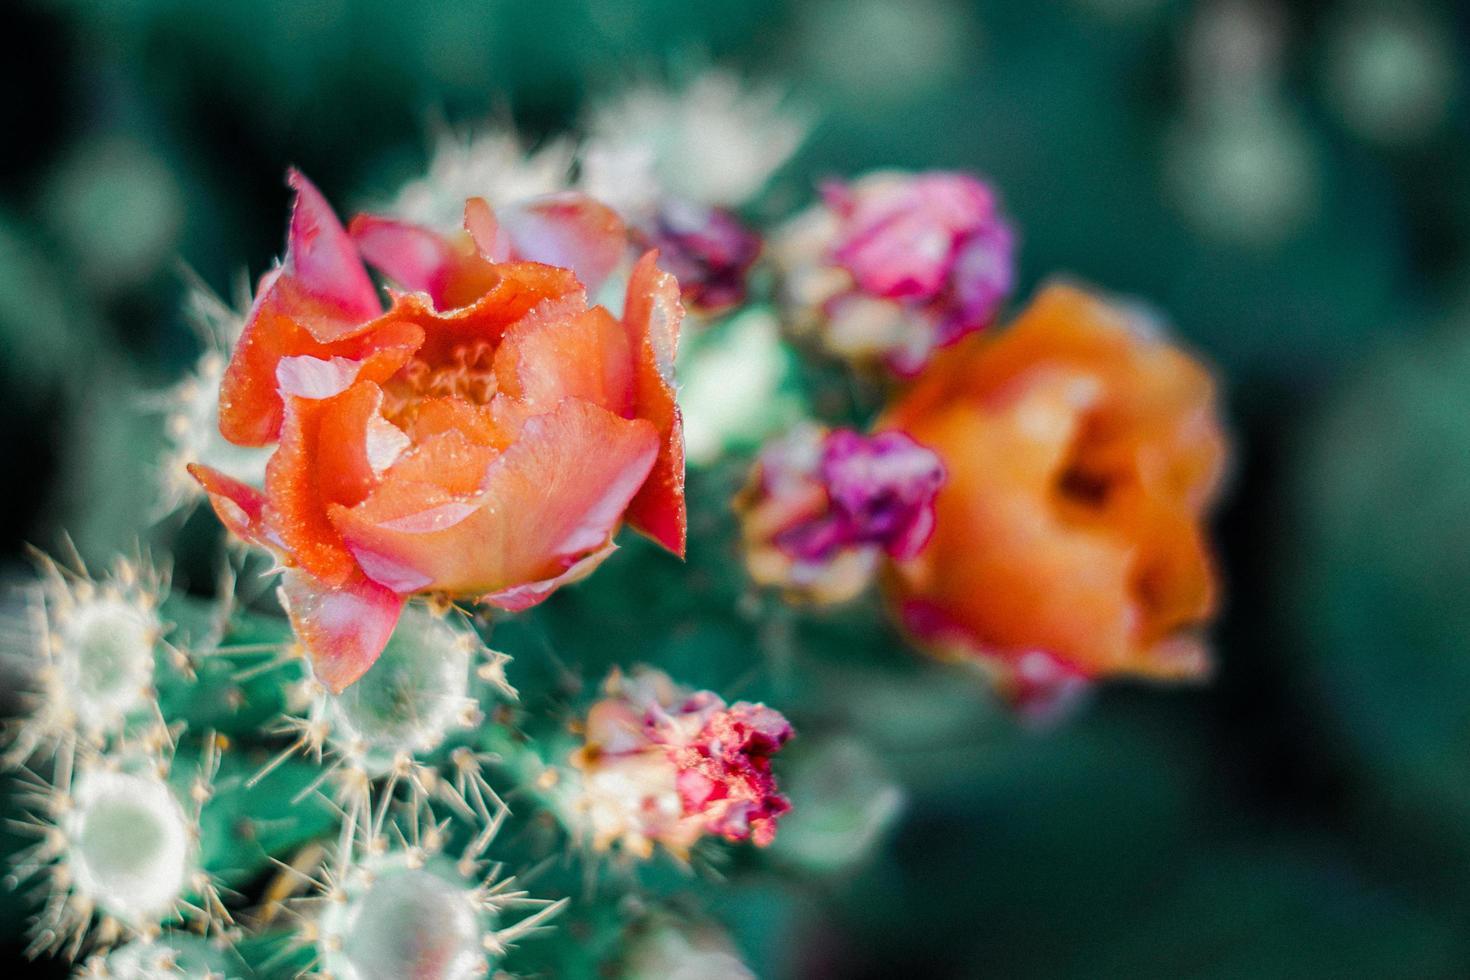 fiori arancioni e rosa sul cactus foto